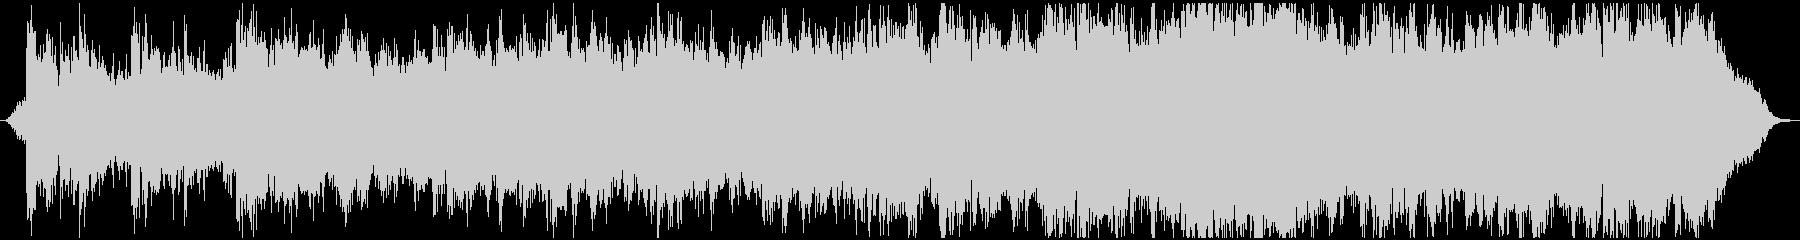 現代の交響曲 広い 壮大 ワイルド...の未再生の波形